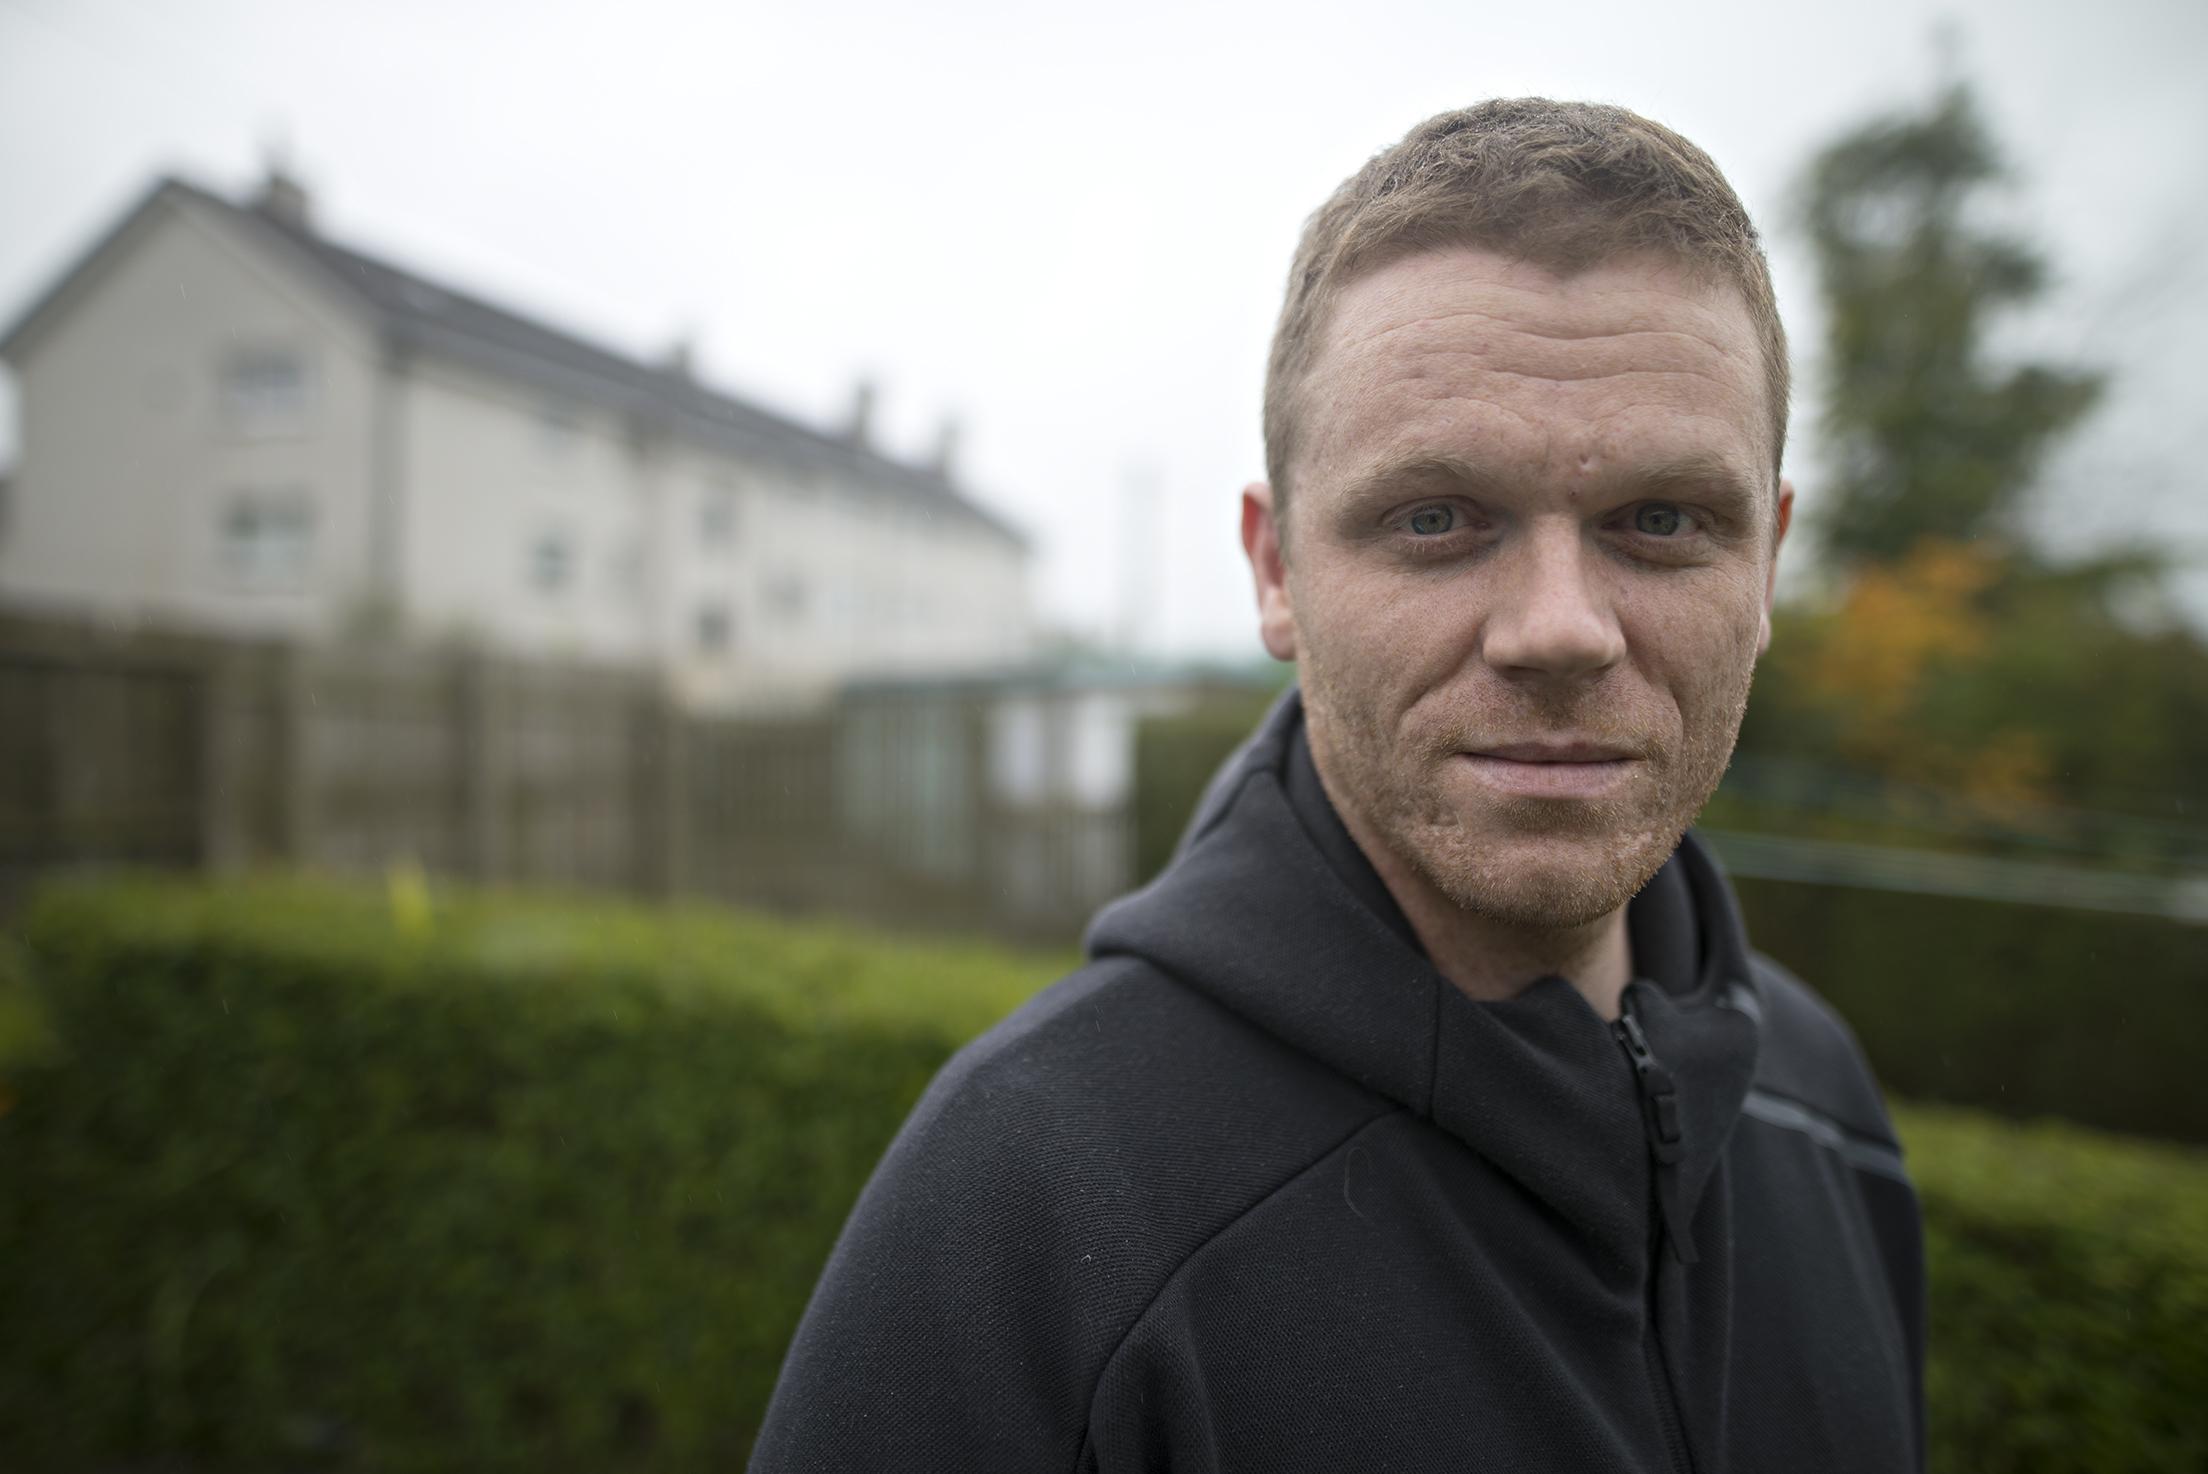 Apakah keangkuhan mencerminkan Skotlandia yang tidak aman dan dangkal?